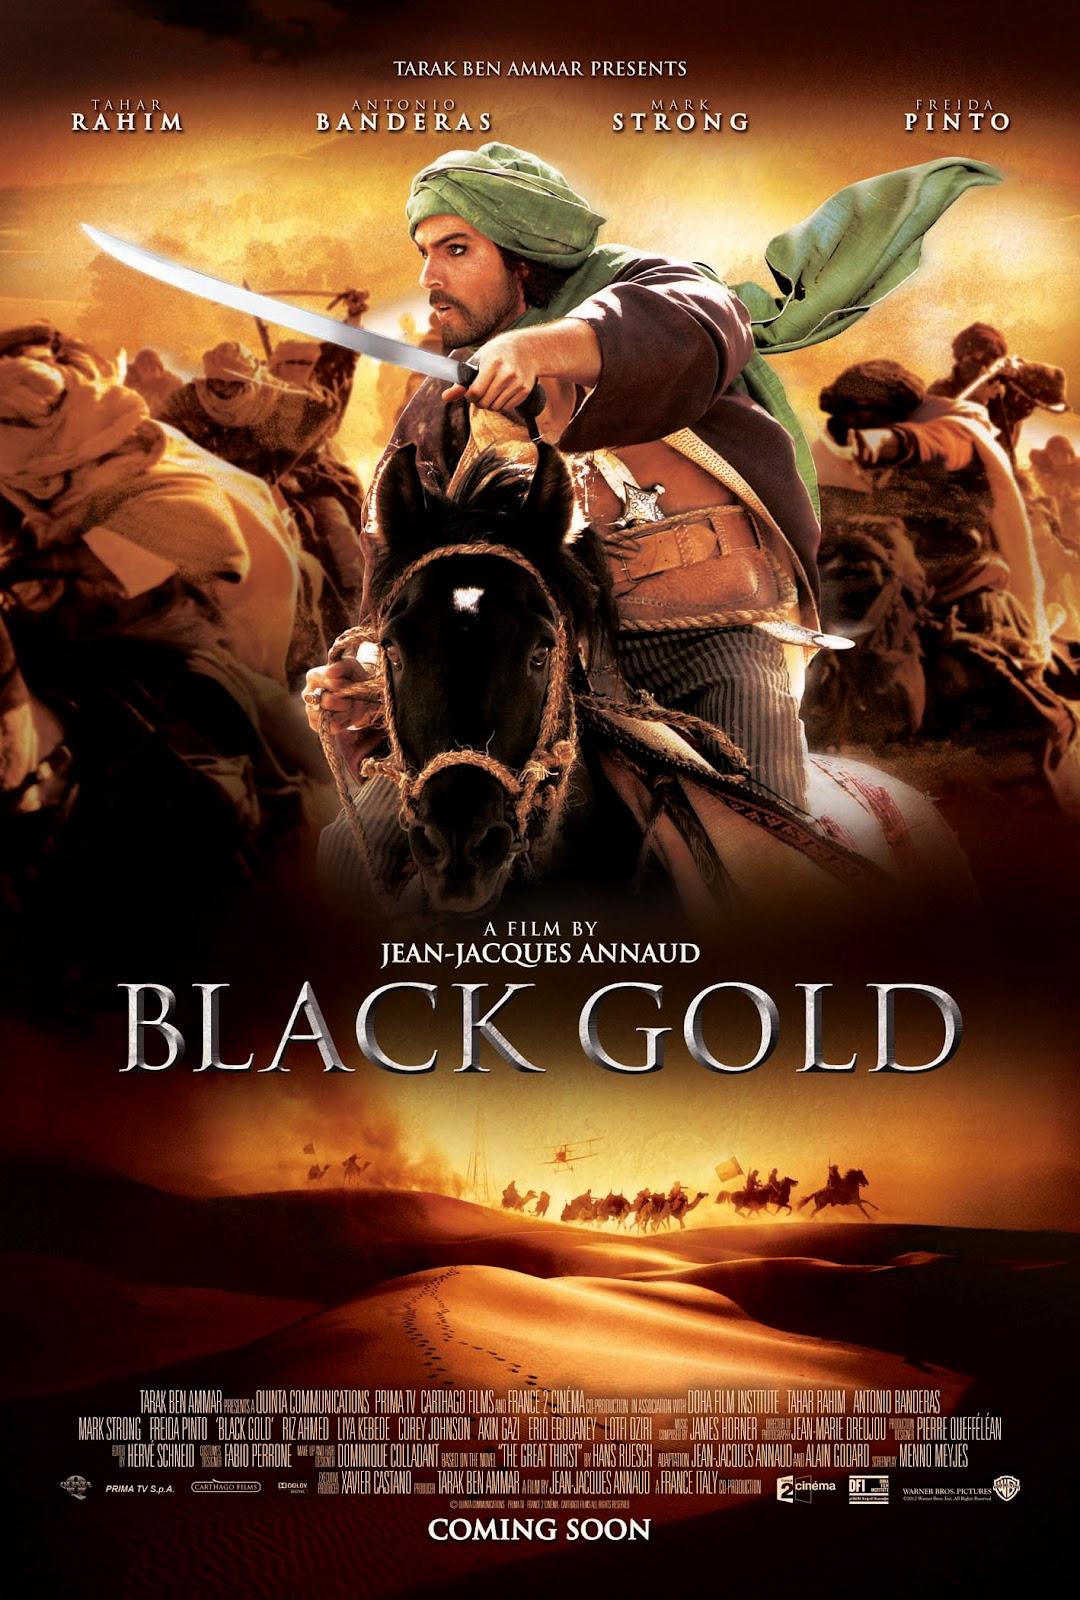 http://3.bp.blogspot.com/-GJ_LEmigMoc/T0O1QNHxYpI/AAAAAAAABWs/ZCtk_87T9Bk/s1600/black_gold_poster.jpg